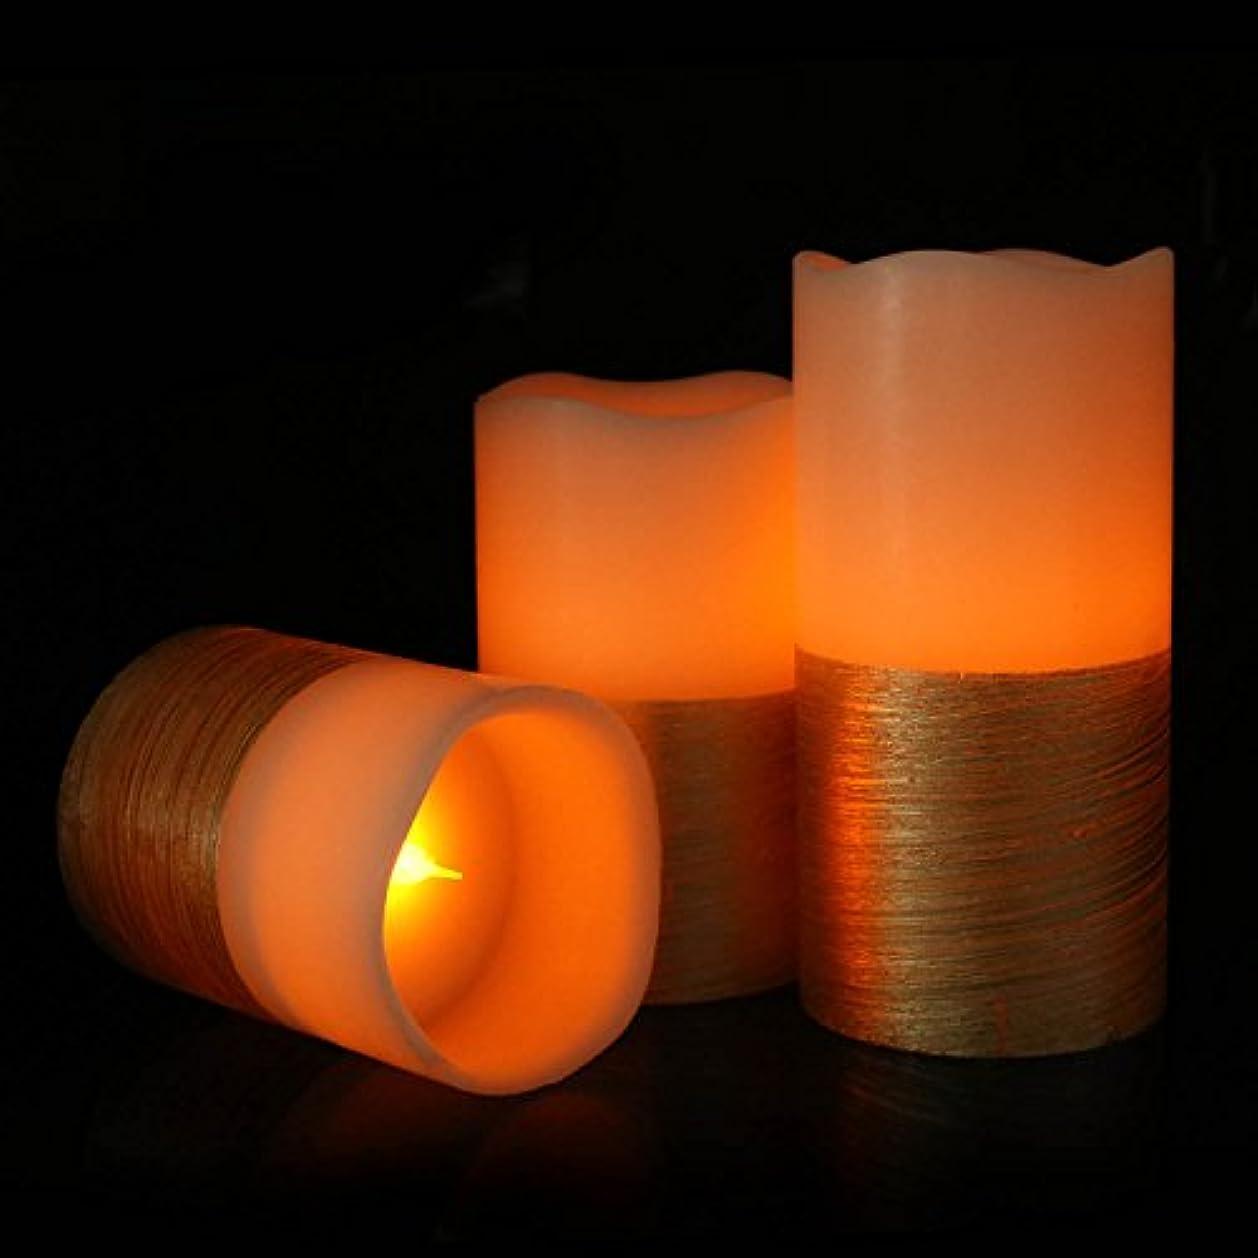 アブストラクトベイビー読むmicandleピラーFlameless Candles – Set of 3 RealオレンジワックスちらつきフレームレスキャンドルLEDピラーキャンドル、電池式 CDL34W49-zq